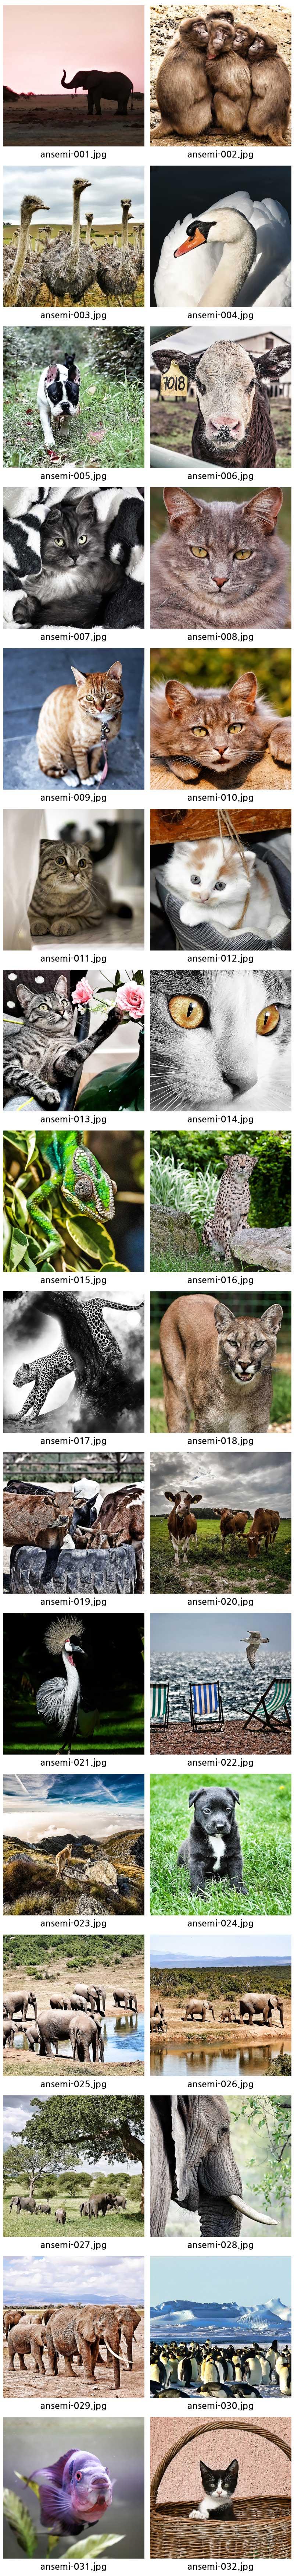 ansemi-008 못없이붙이는액자 동물 세미액자 시리즈 6x6in - 바운스프레임, 4,000원, 액자, 벽걸이액자